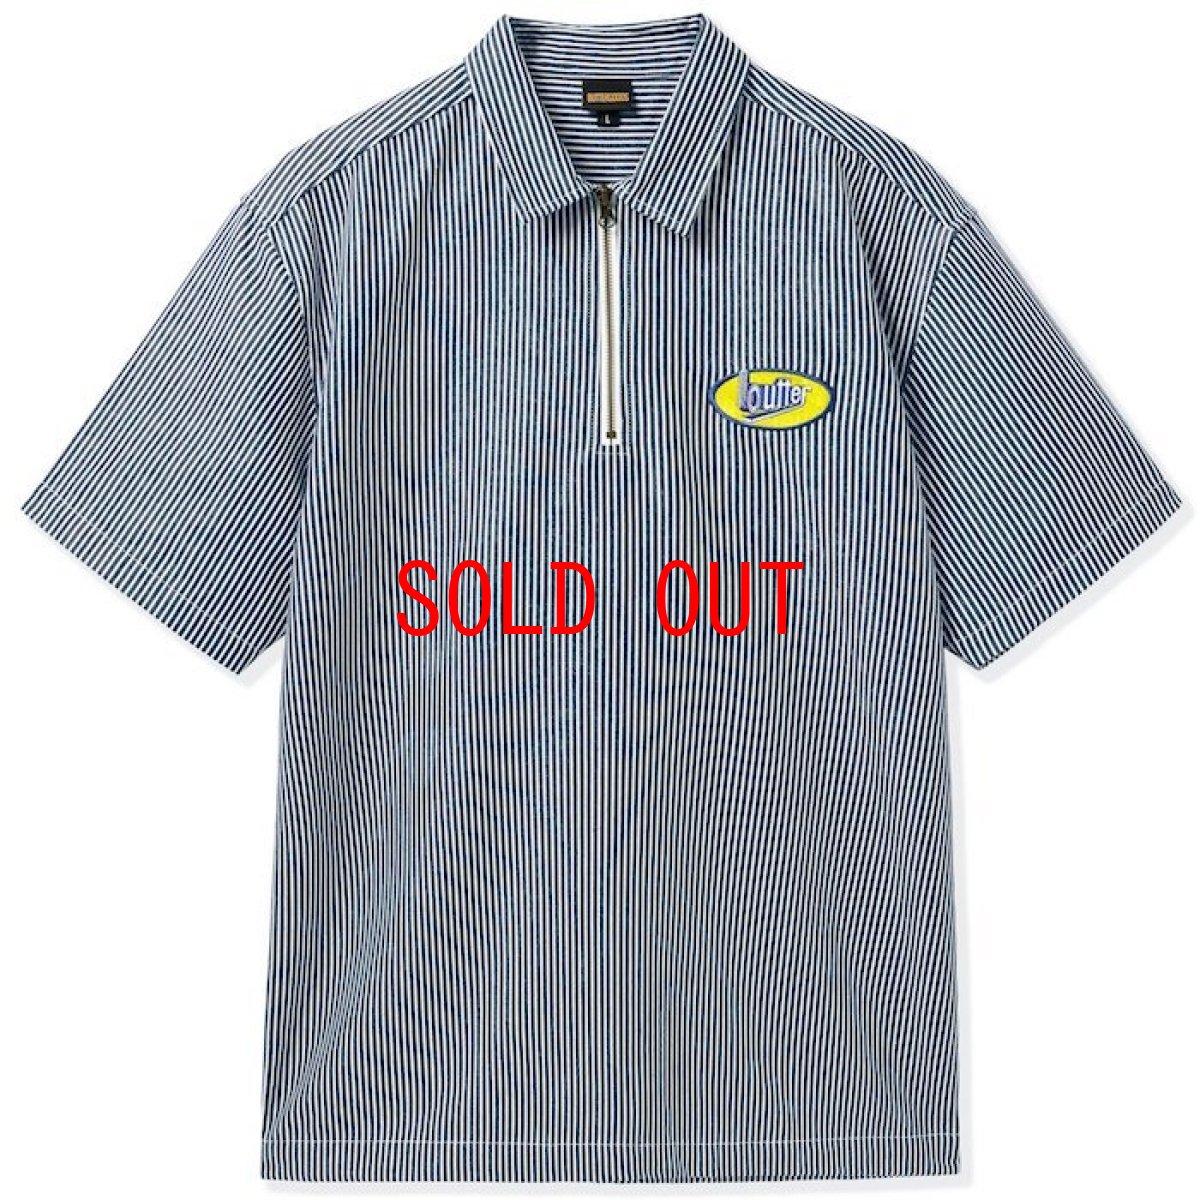 画像1: Butter Goods(バターグッズ)Work S/S Shirts Hickory Stripe Dark Navy 半袖 ワーク シャツ  (1)